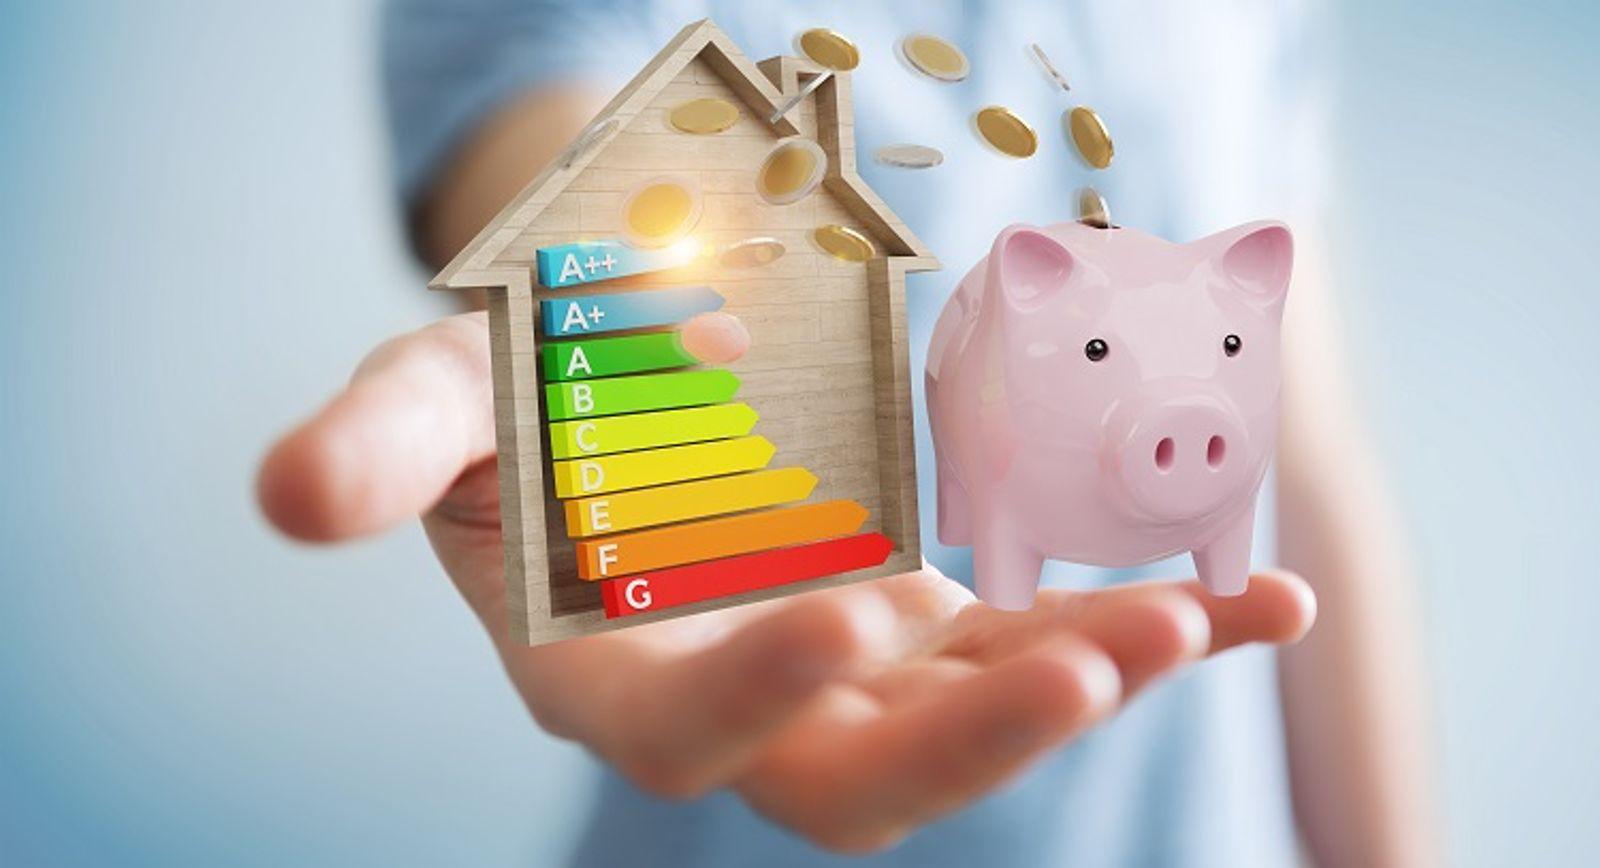 De la gestion des factures d'énergie à la gestion énergétique